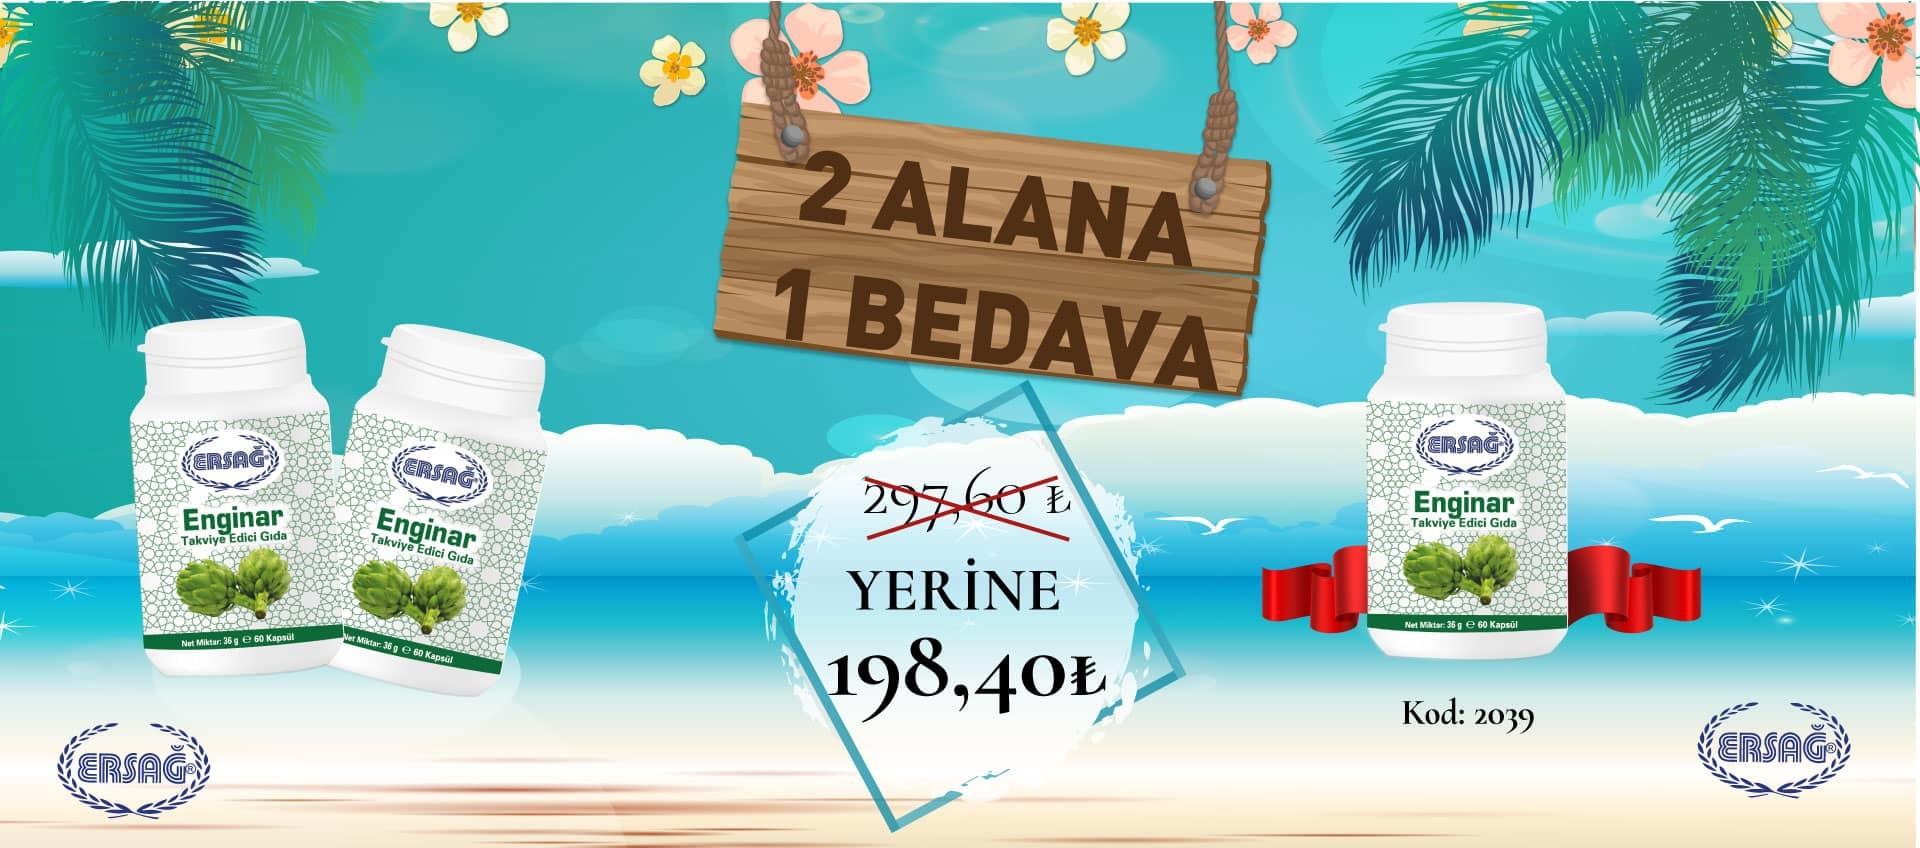 Ersağ Türkiye Nisan Ayı 1'ci Dönem 2 Alana 1 Bedava Kampanyası